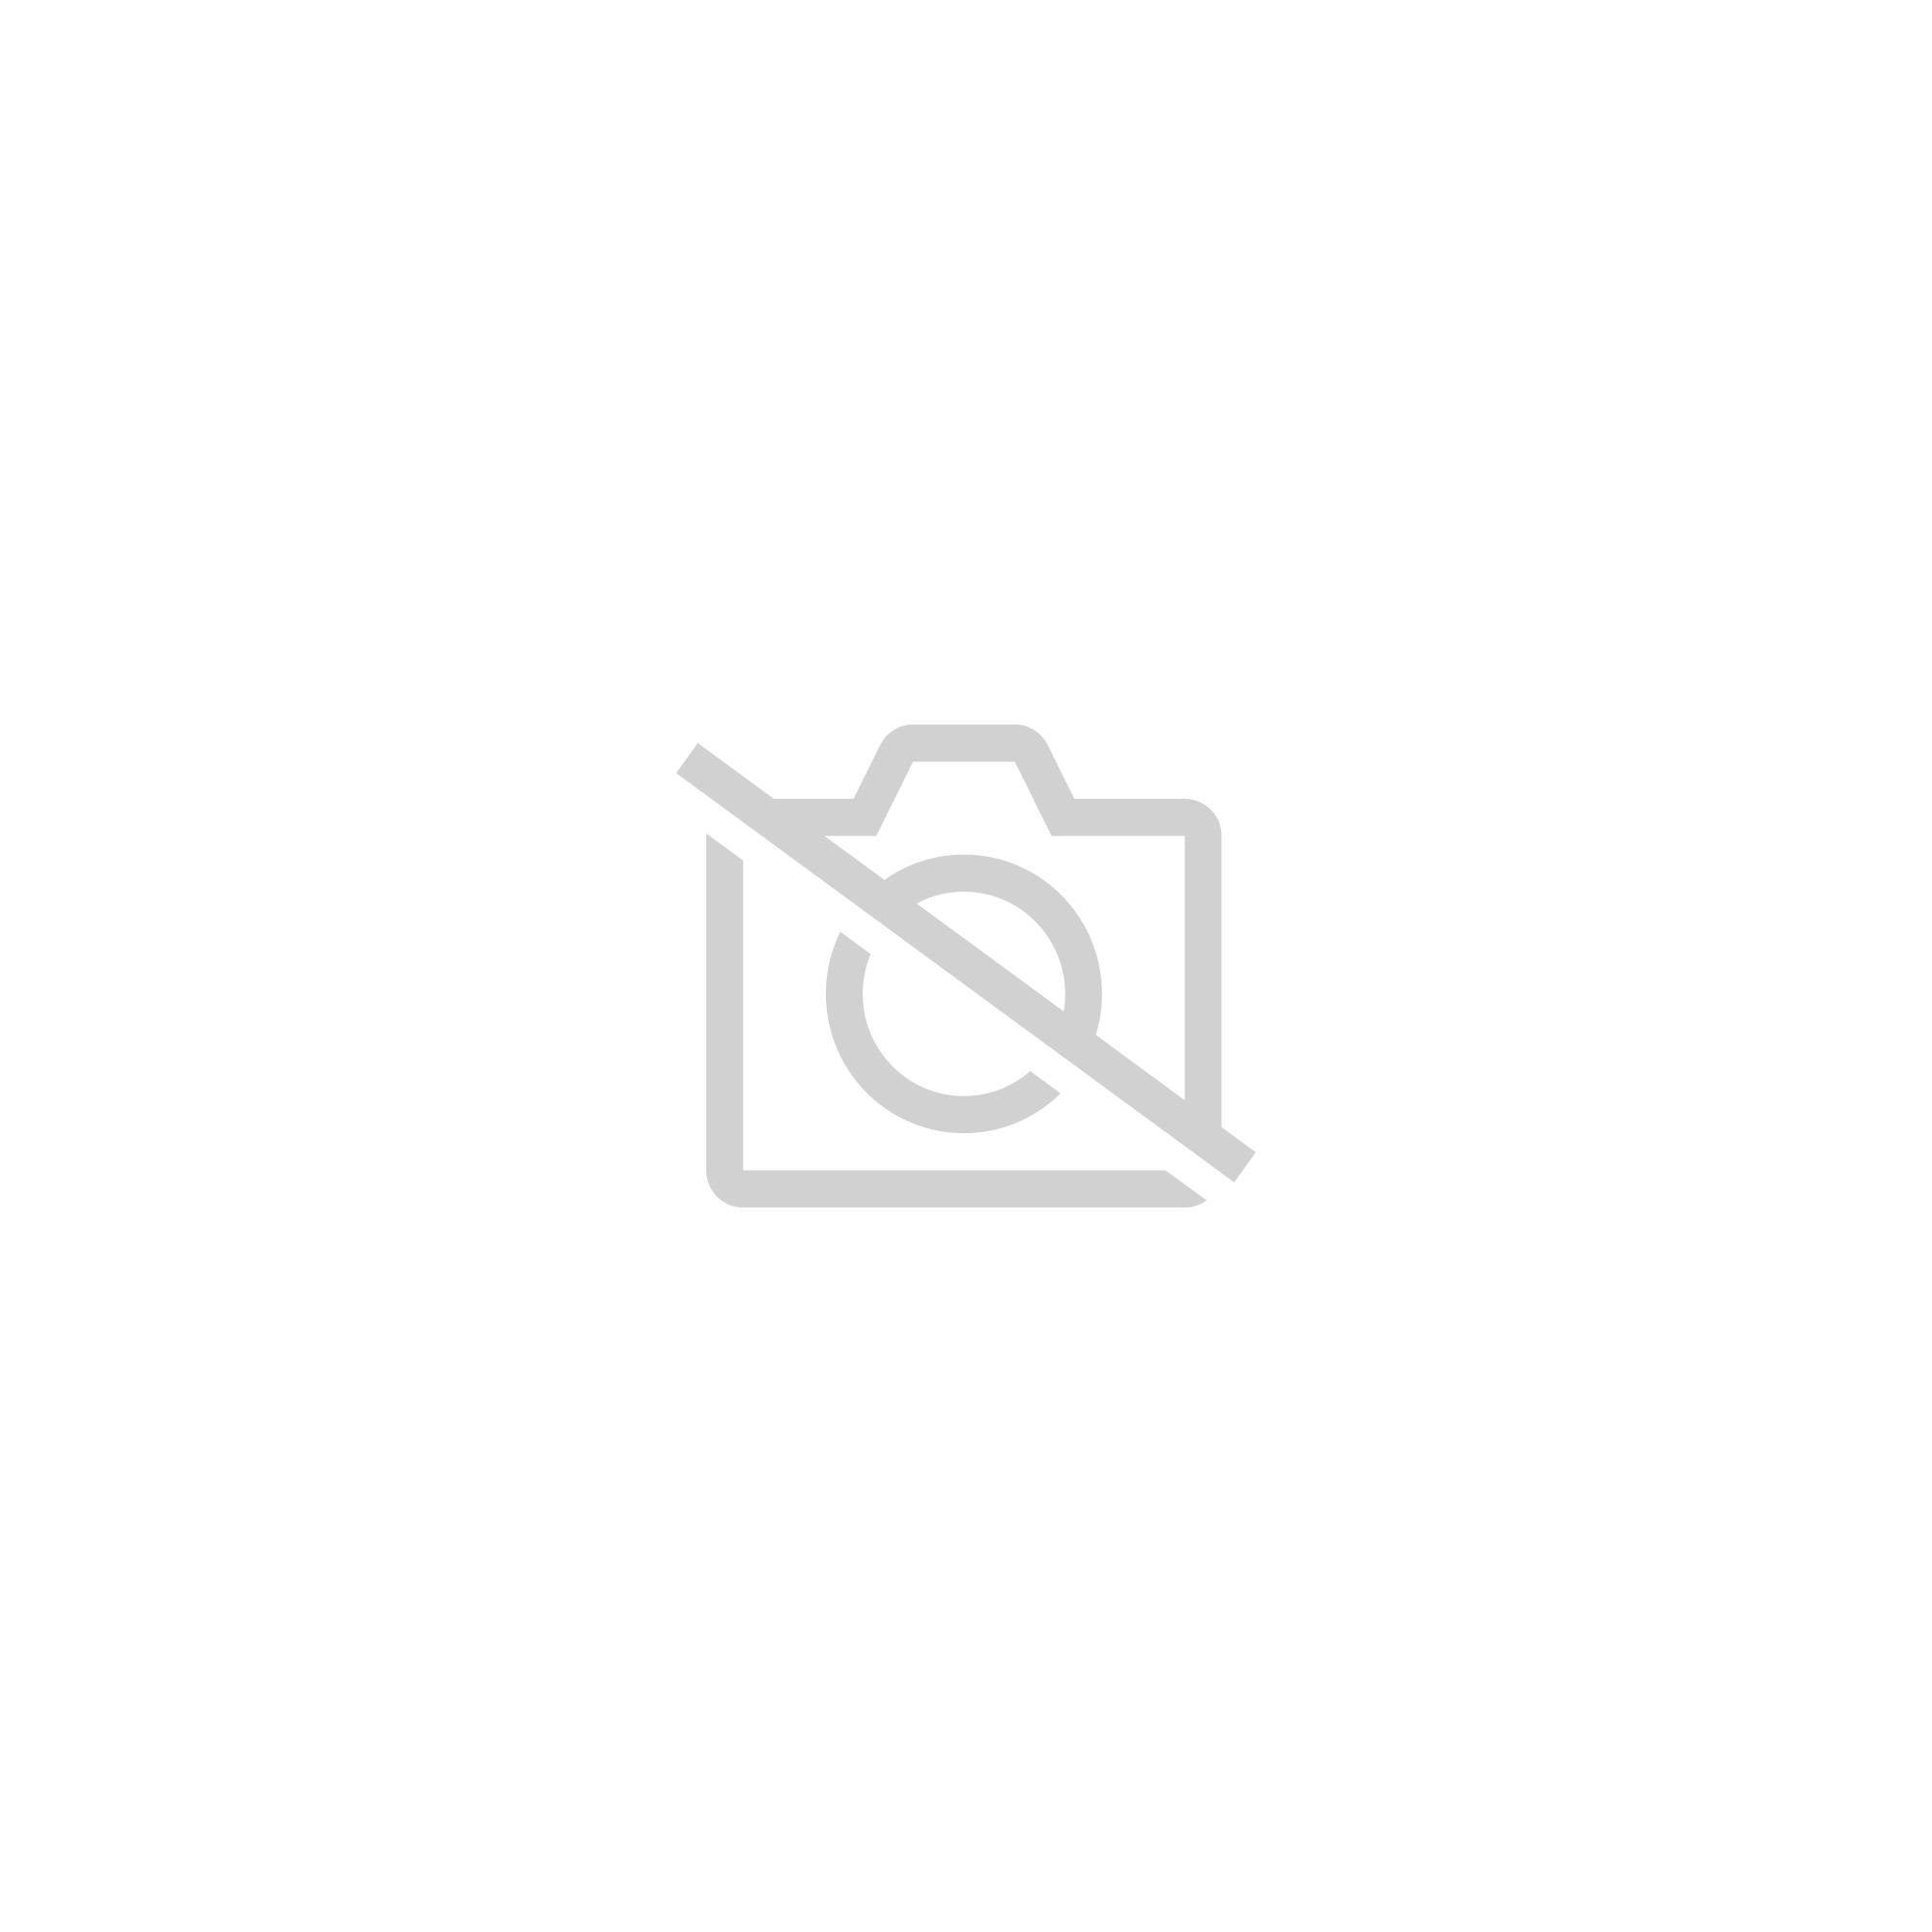 Dragon Blanc Alternatif Aux Yeux Bleus Mvp1-Fr046 Vf